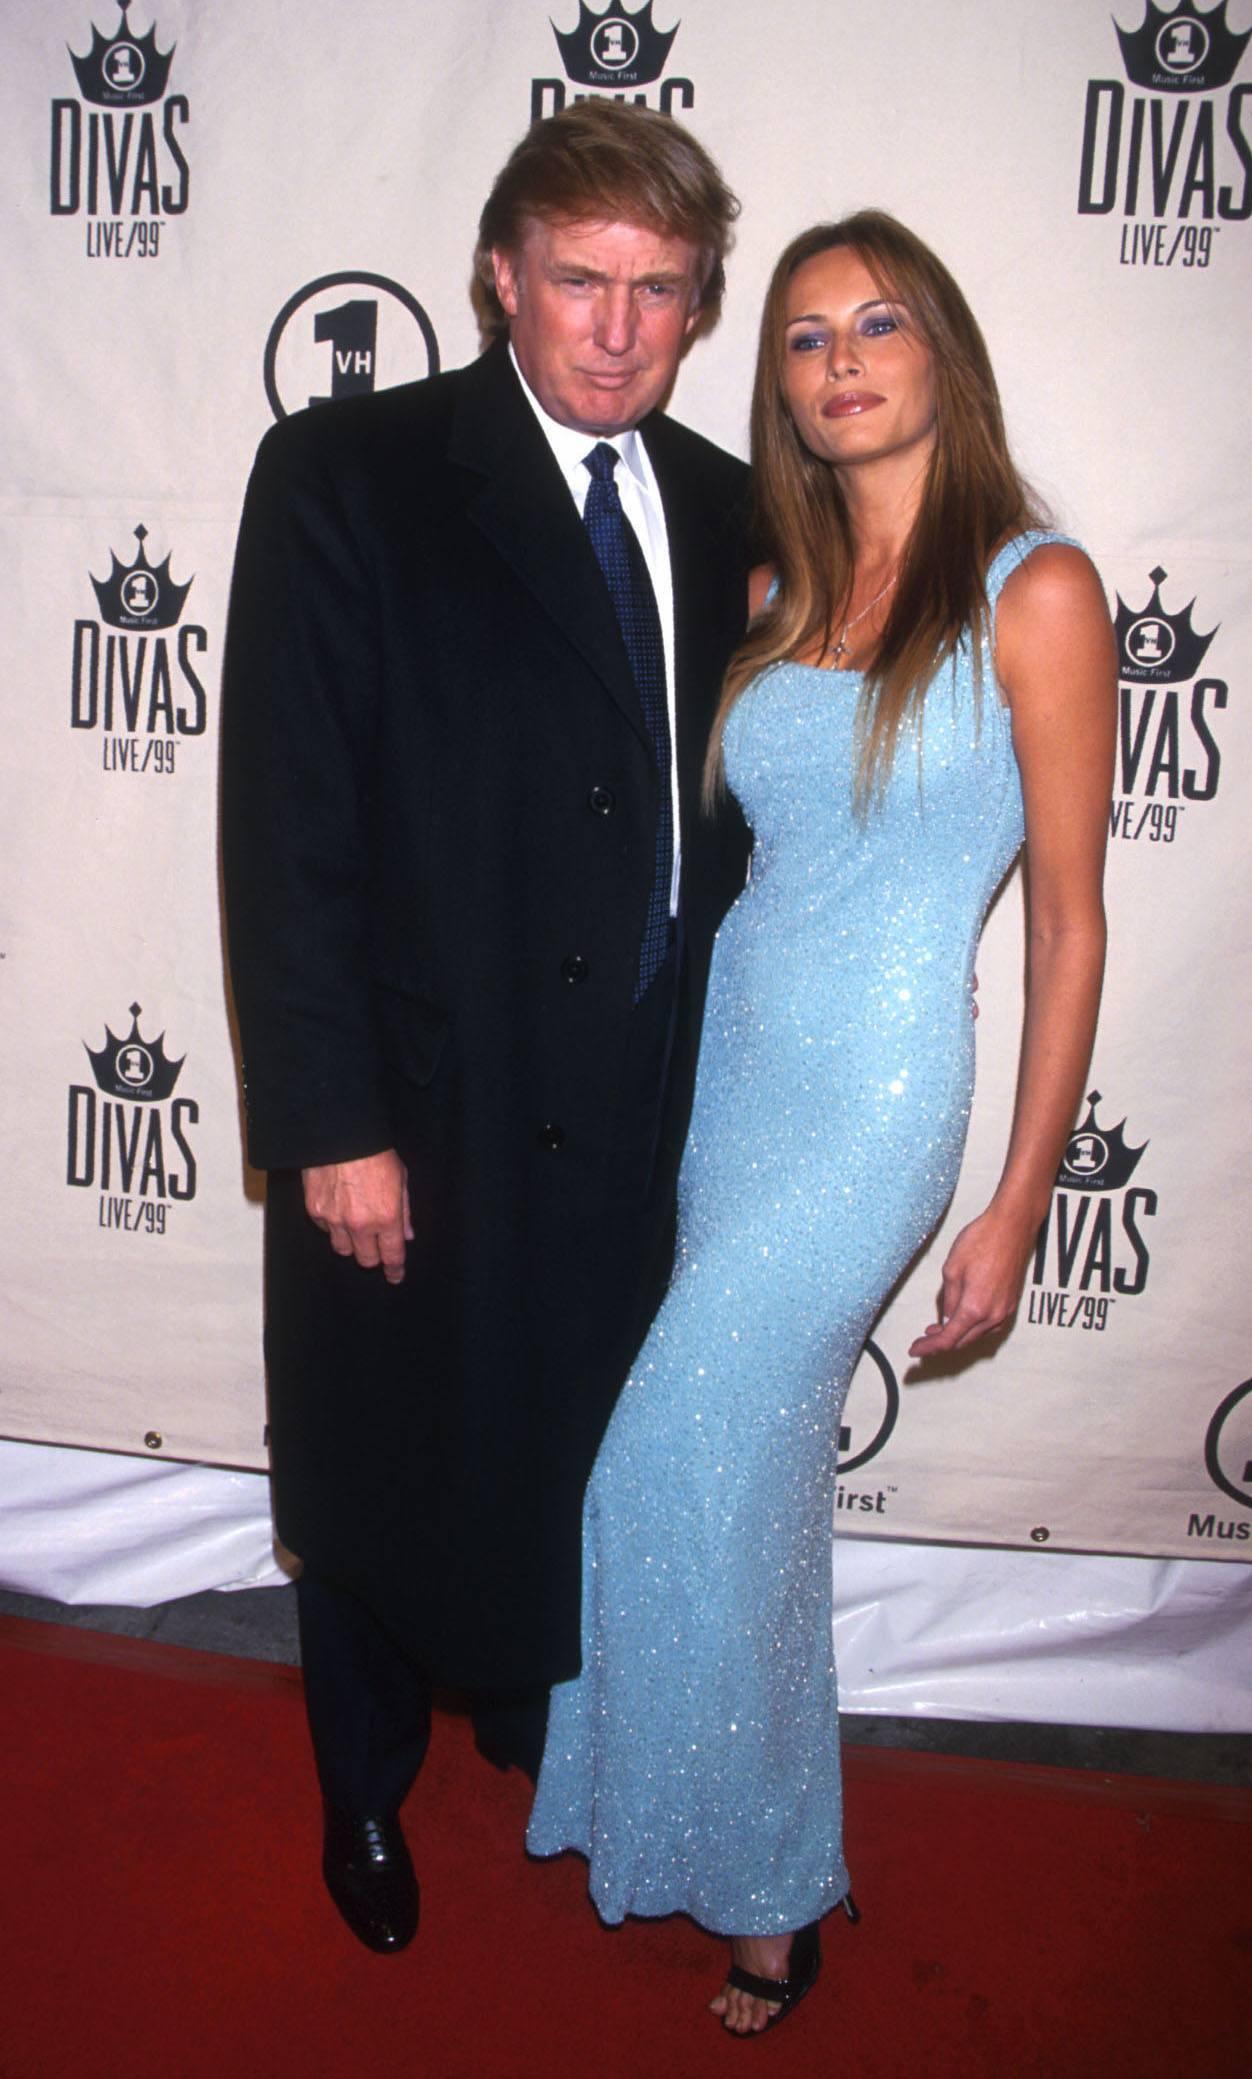 Donald Trump and Melania Knauss